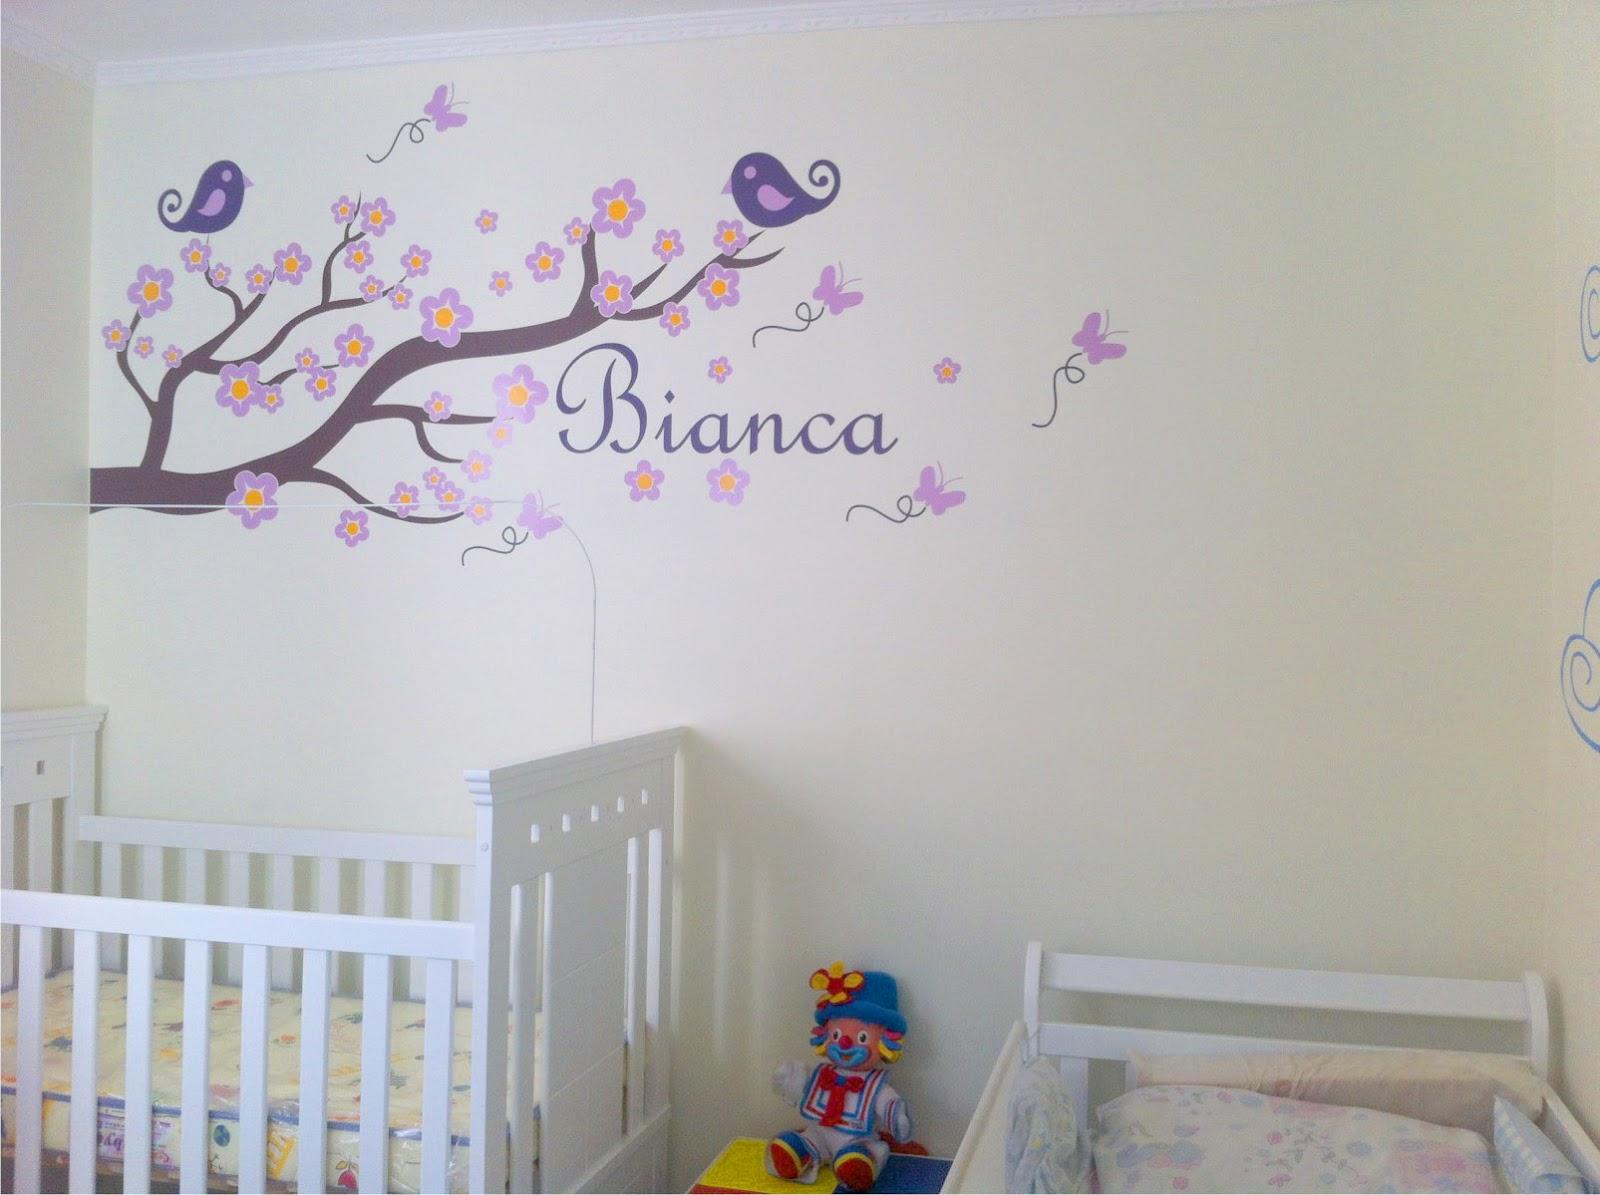 Ideias de adesivos decorativos para quarto de bebé ~ Adesivos De Parede Para Quarto De Bebe Feminino